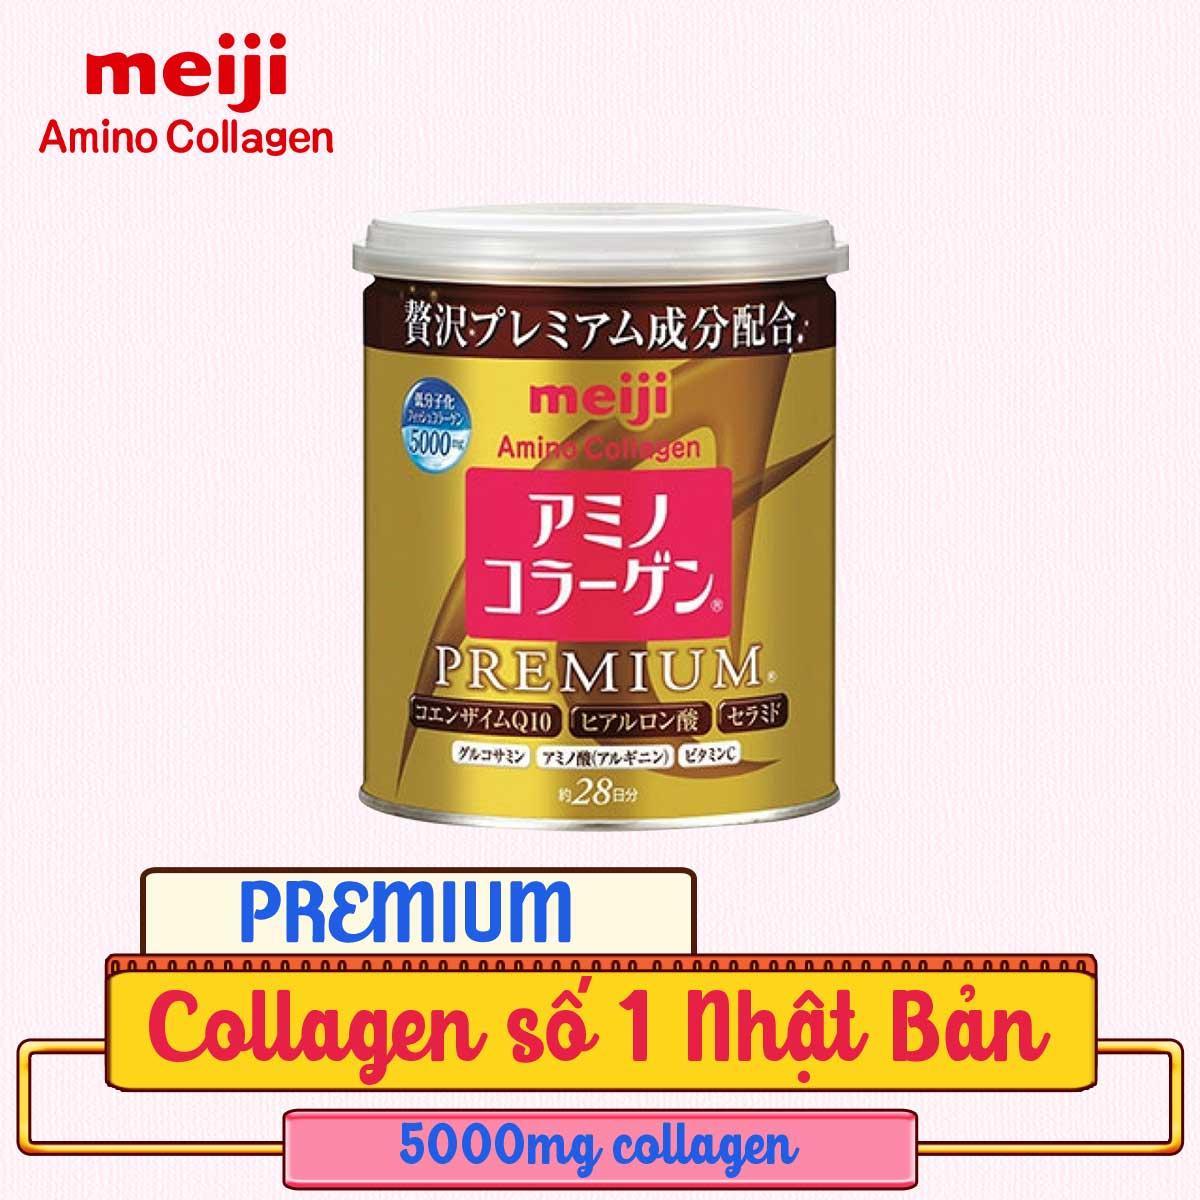 Bột uống bổ sung Collagen (Cao cấp) - Meiji Amino Collagen Premium 200g